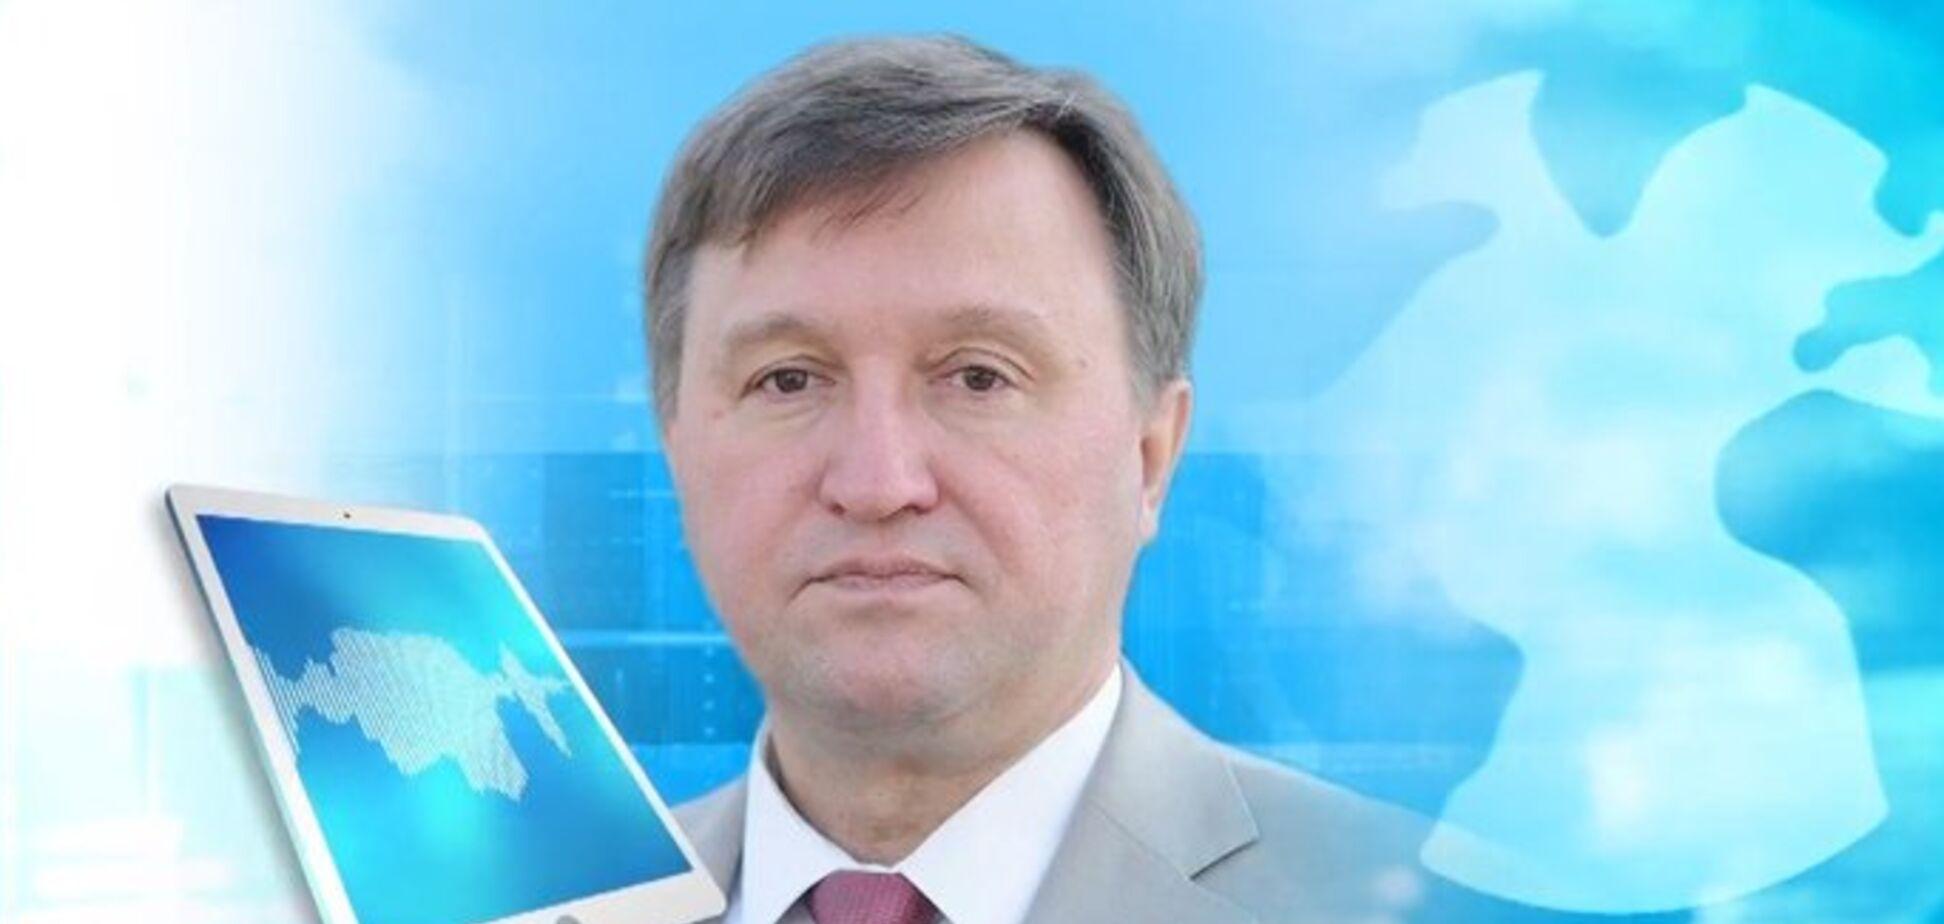 Политические спекулянты: Джердж рассказал, кто и как вредит сближению Украины и НАТО